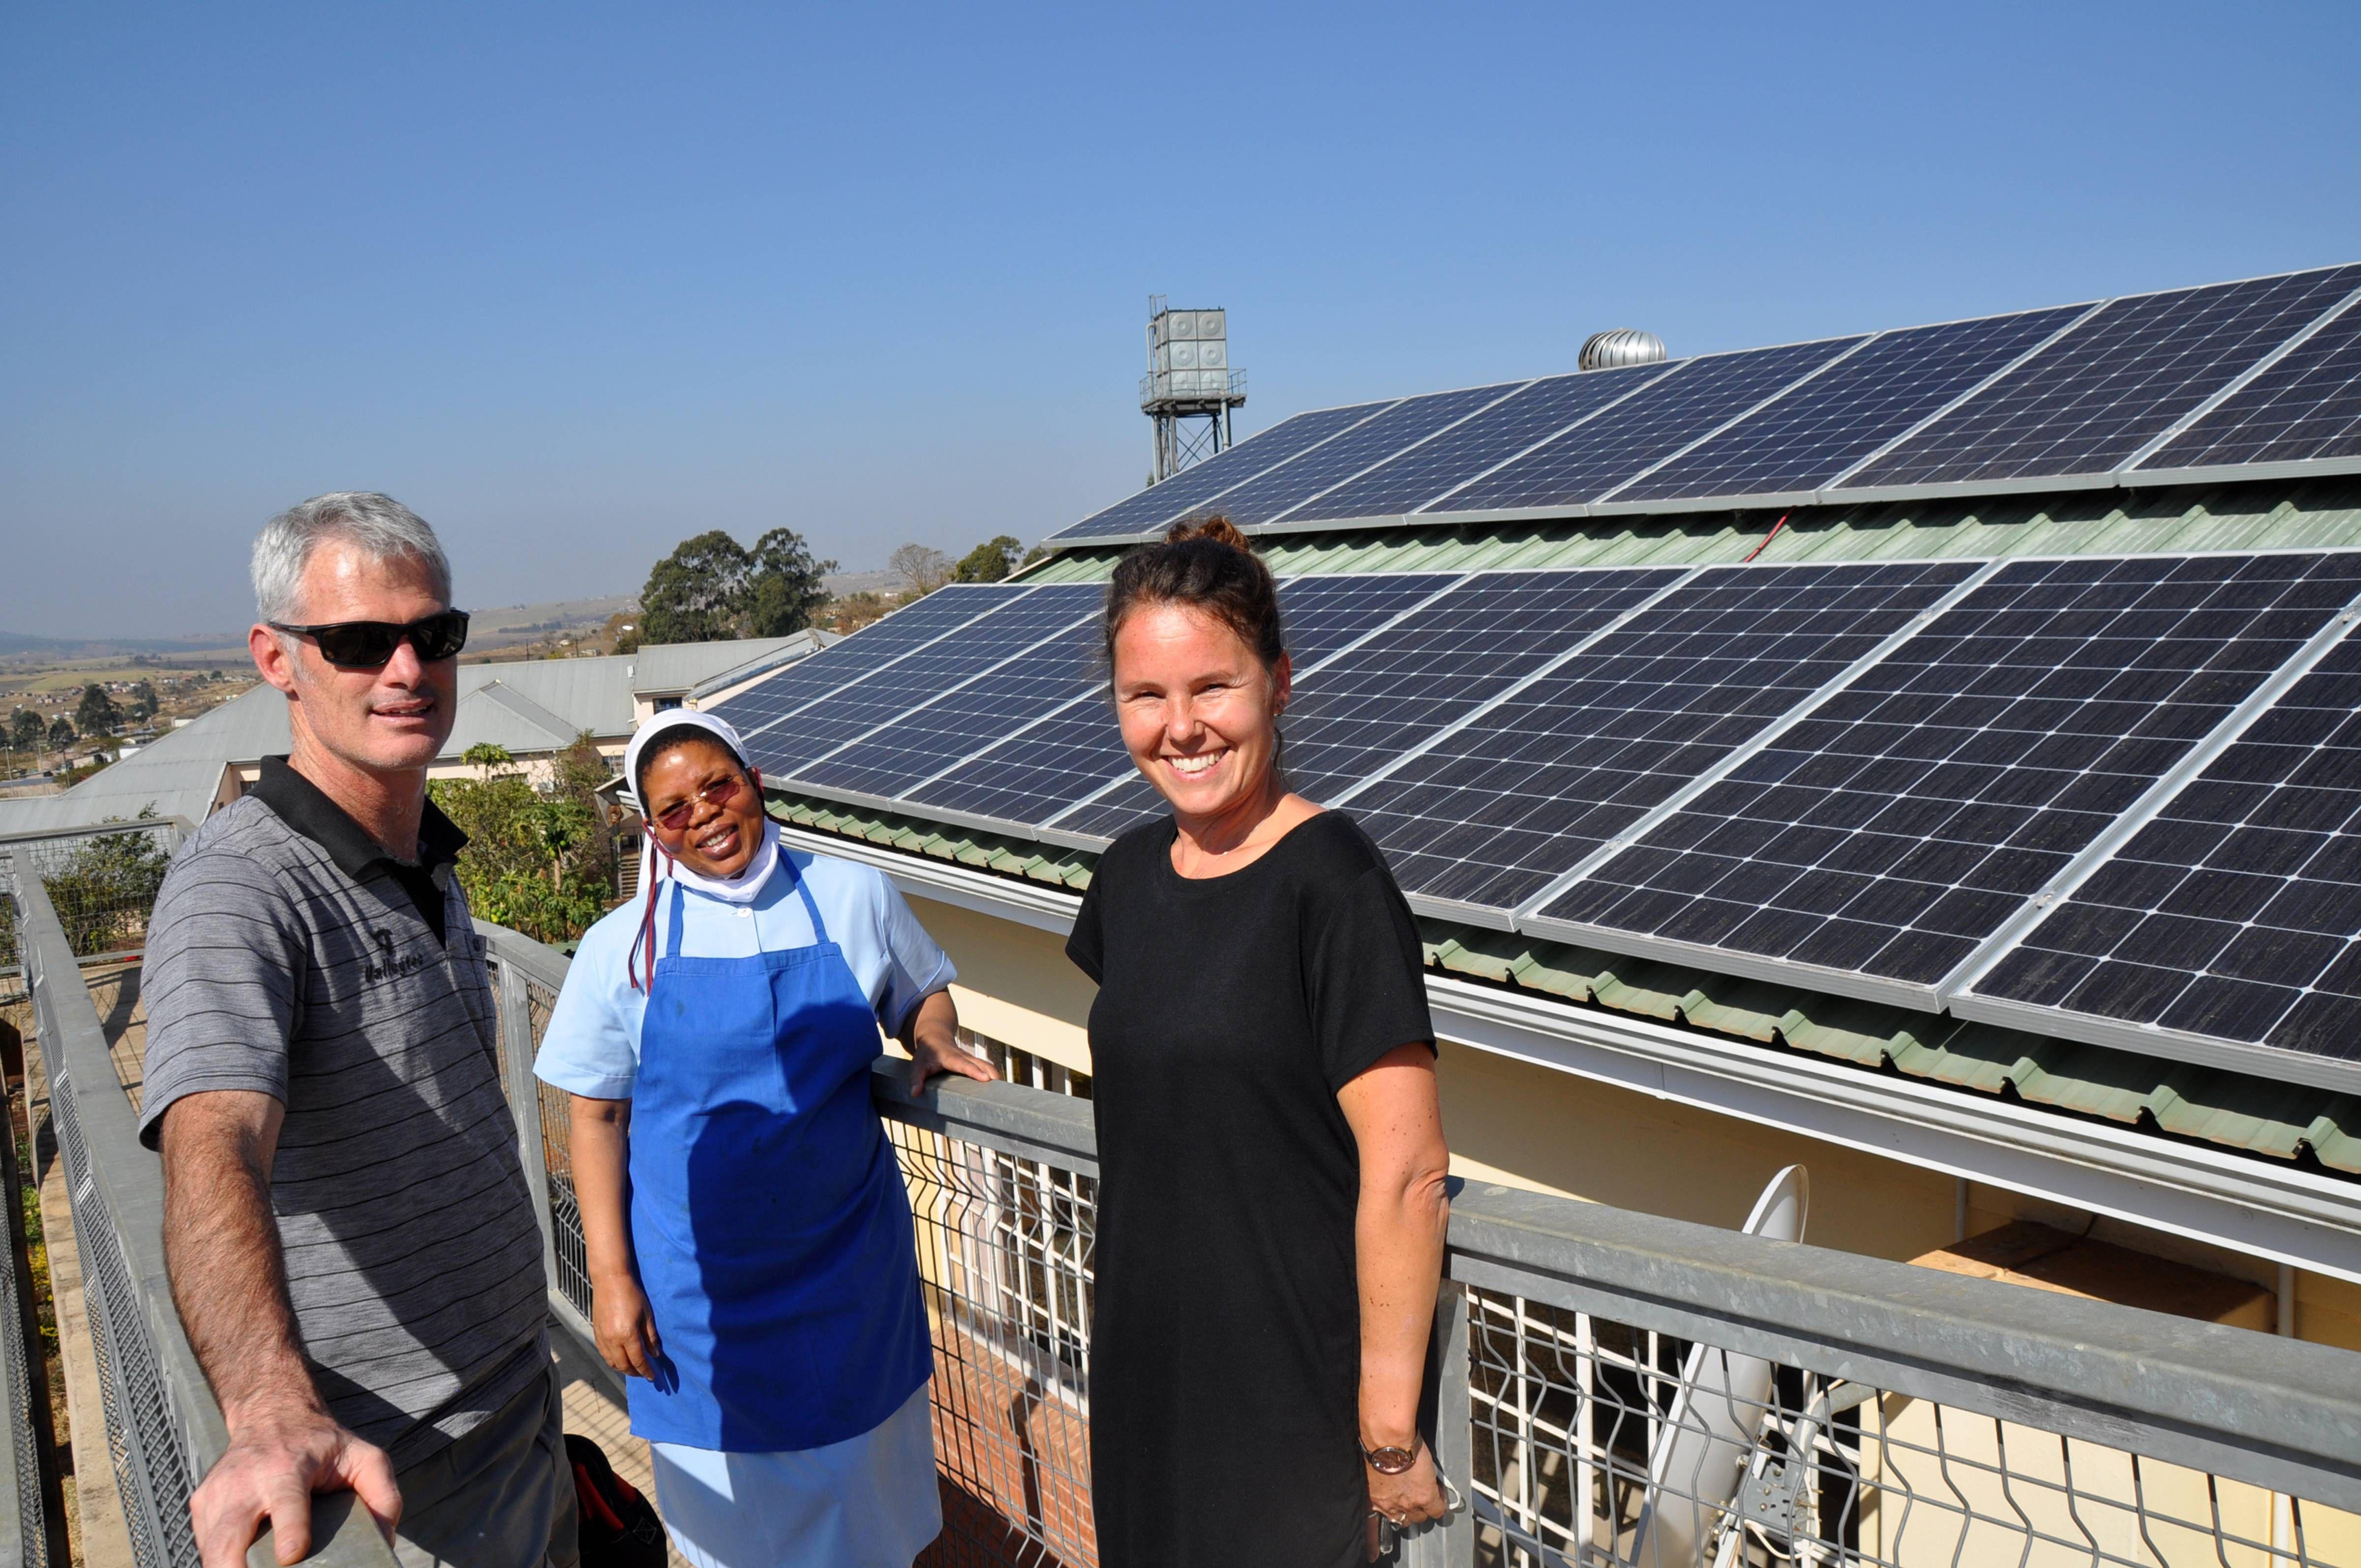 Freuen sich über die neue Solaranlage, die dank Spenden aus Deutschland im Kinderheim Sankt Joseph in Südafrika installiert wurde (von rechts): Julia Scharnagl, Schwester Assumpta Hadebe und Gary Upfold, Inhaber der Firma Valleytec.